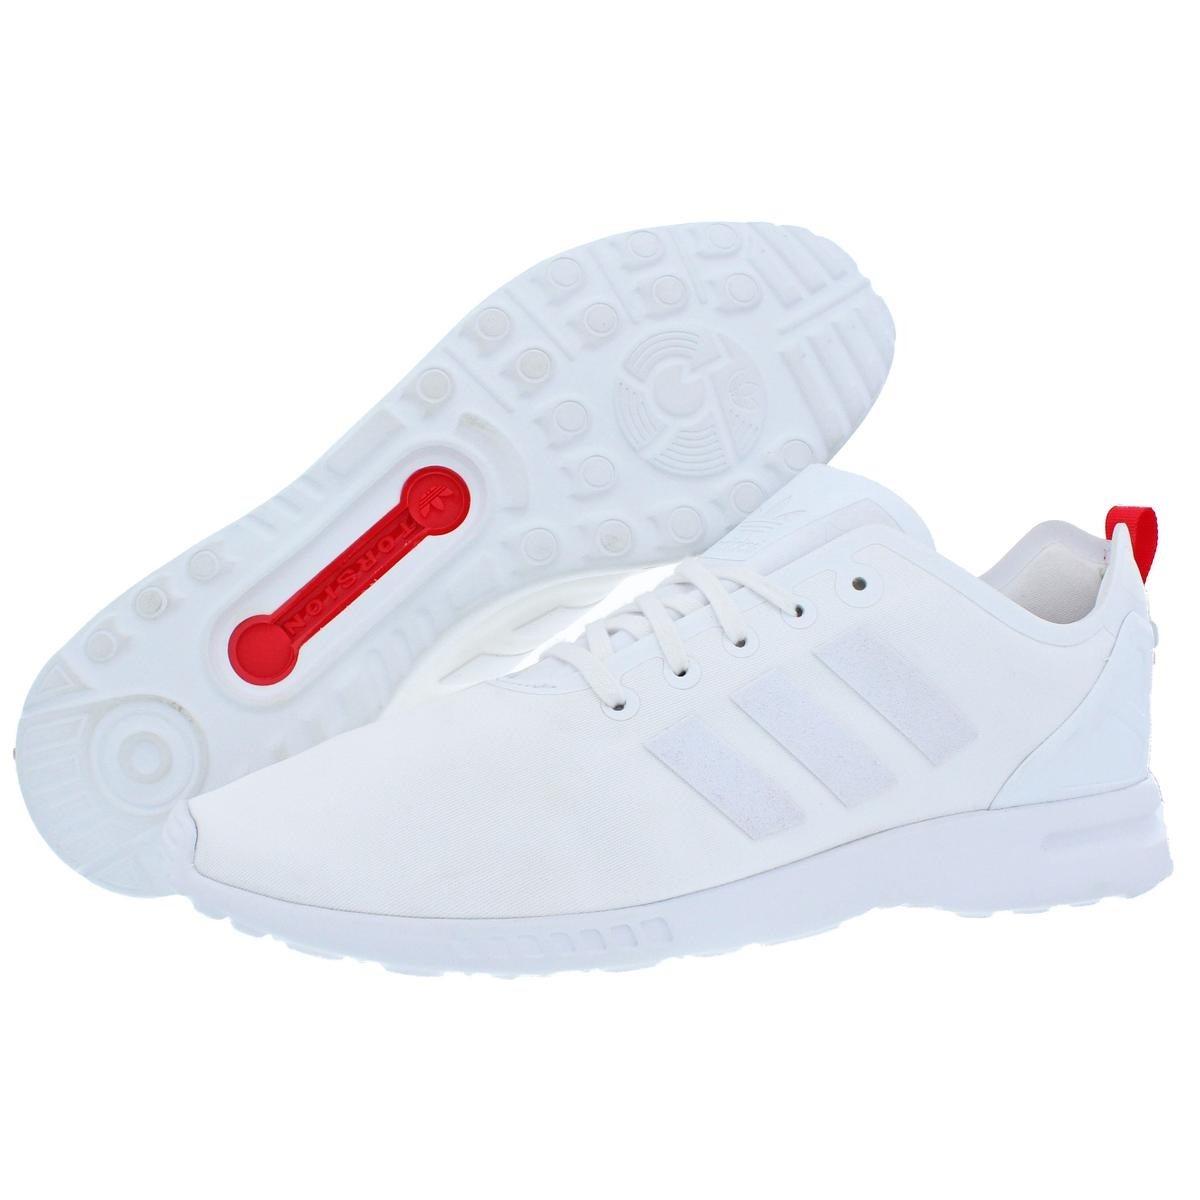 40936fd2a5d1 Adidas Womens ZX Flux Smooth Running Shoes Torsion Lightweight - 10 medium  (b